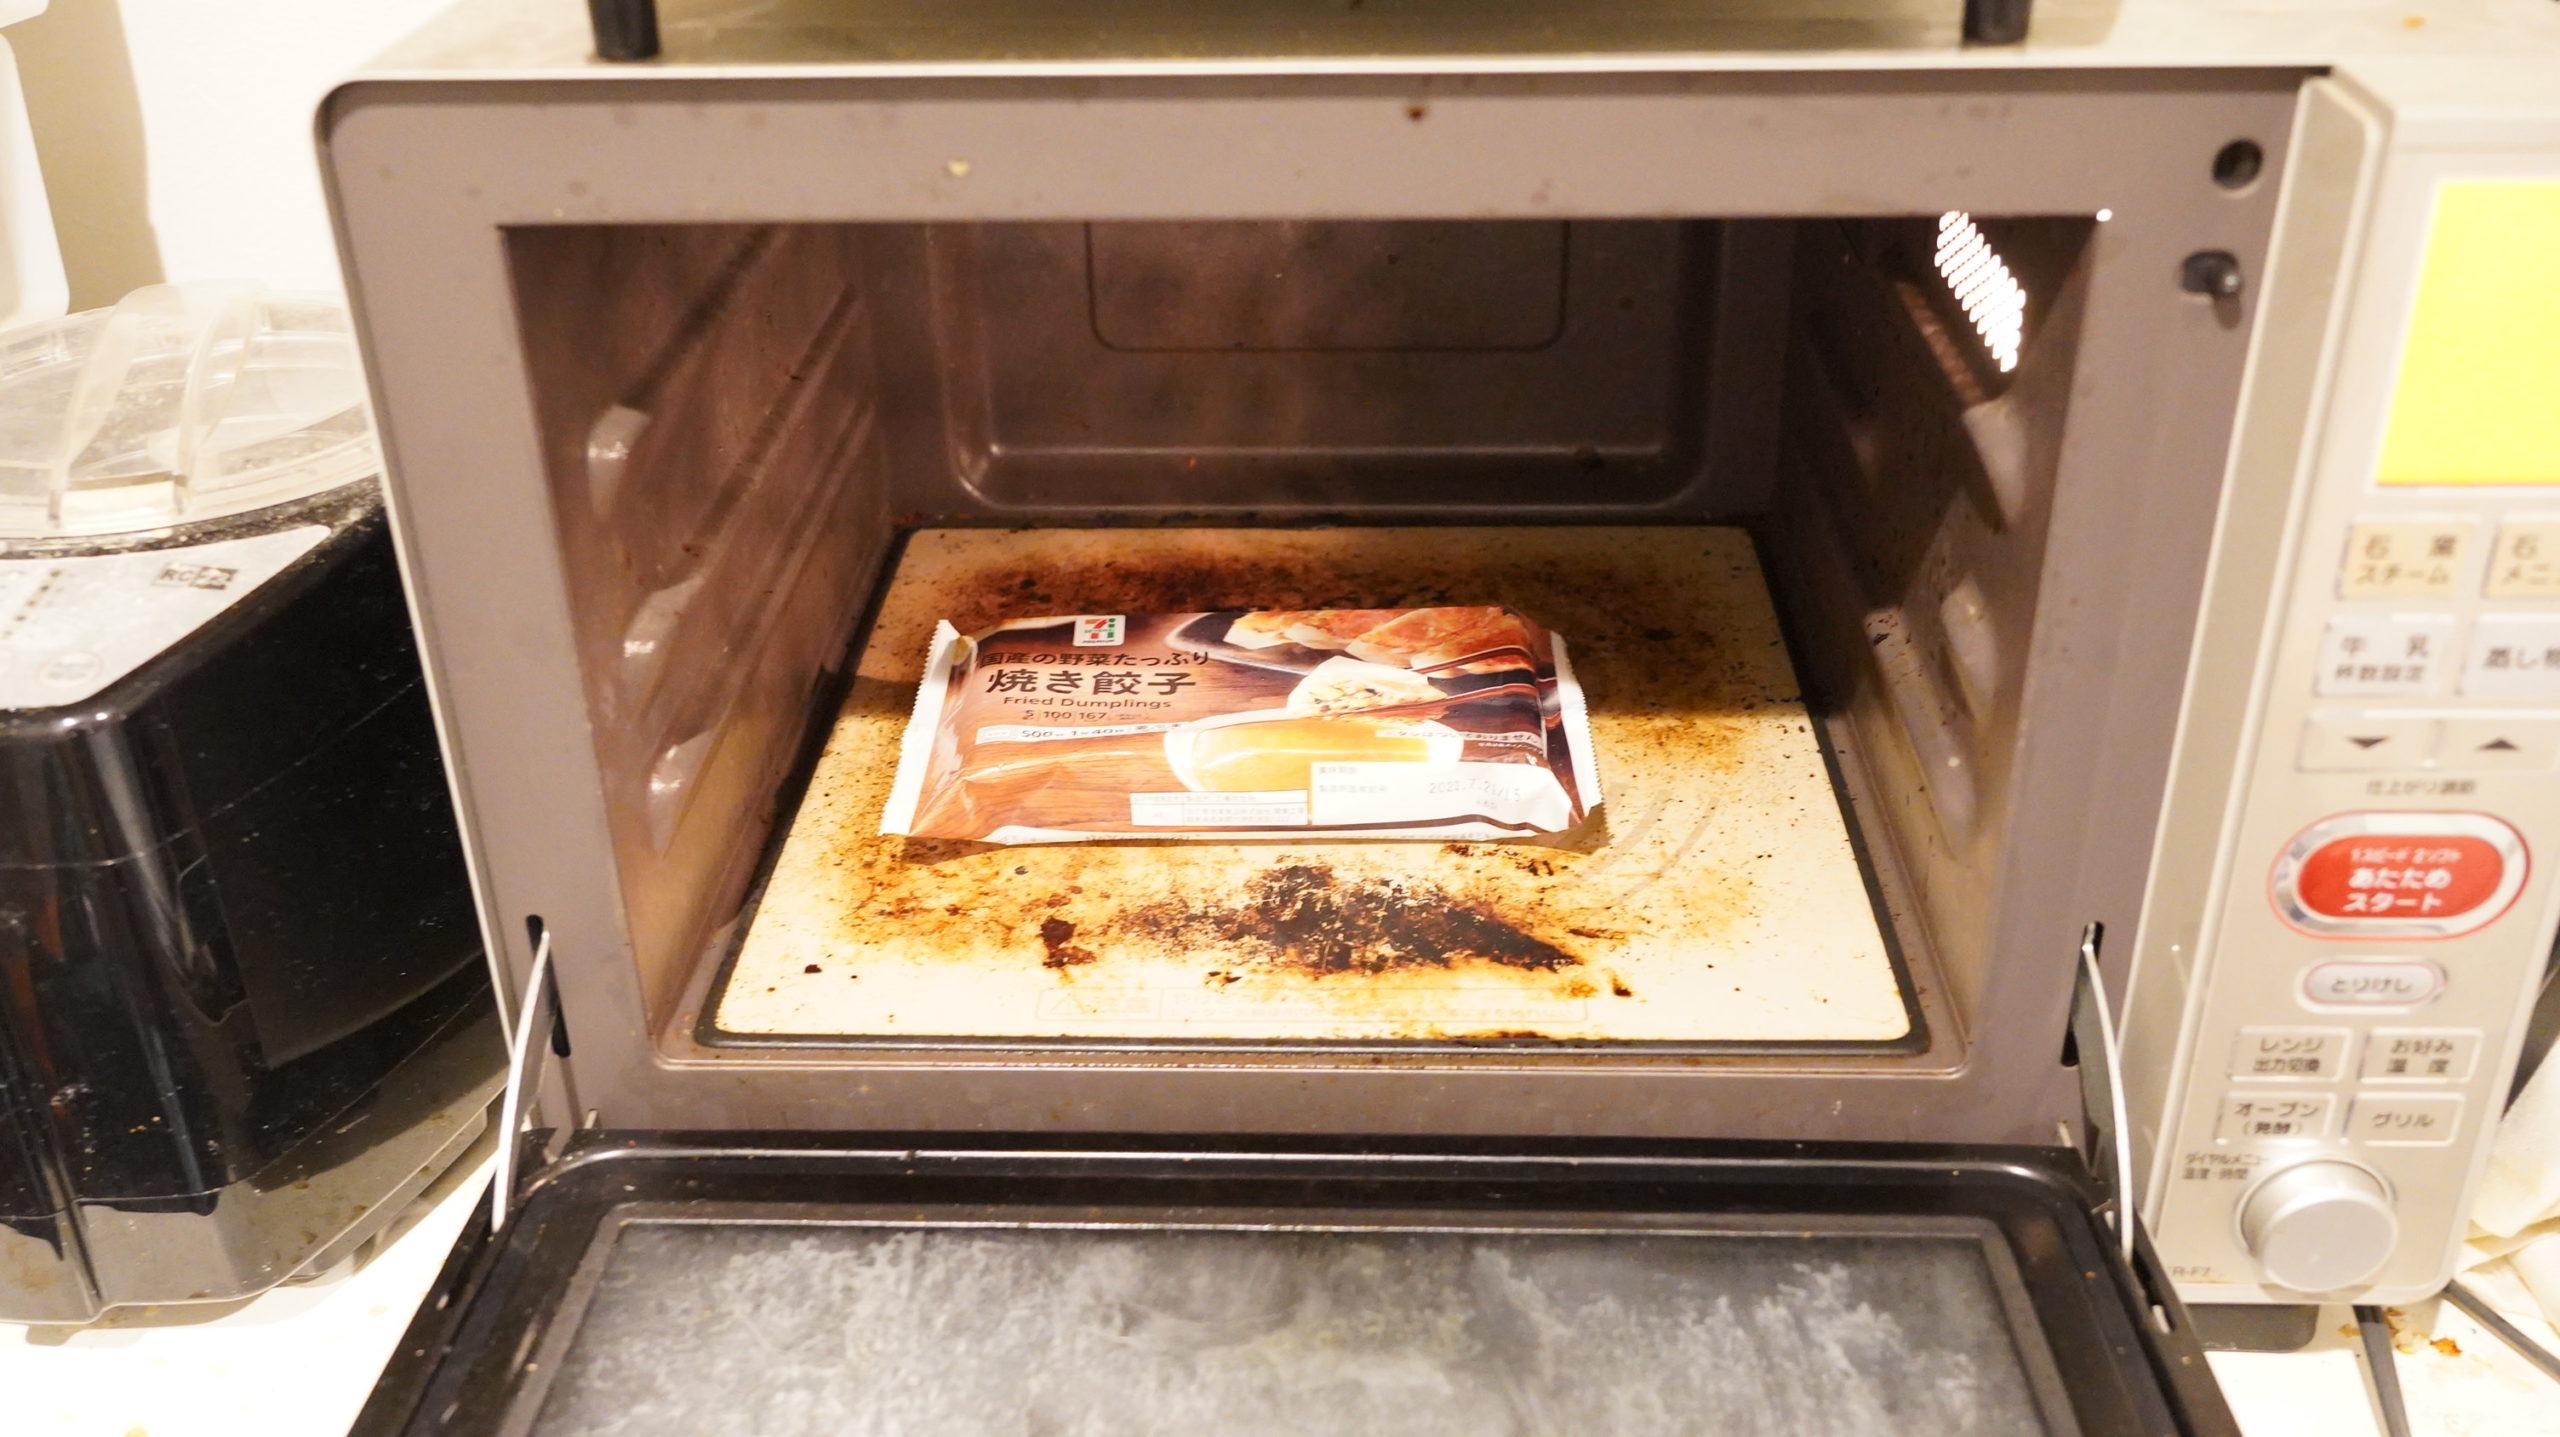 千葉県のセブン限定で売られている「国産の野菜たっぷり焼き餃子」を電子レンジで加熱している写真